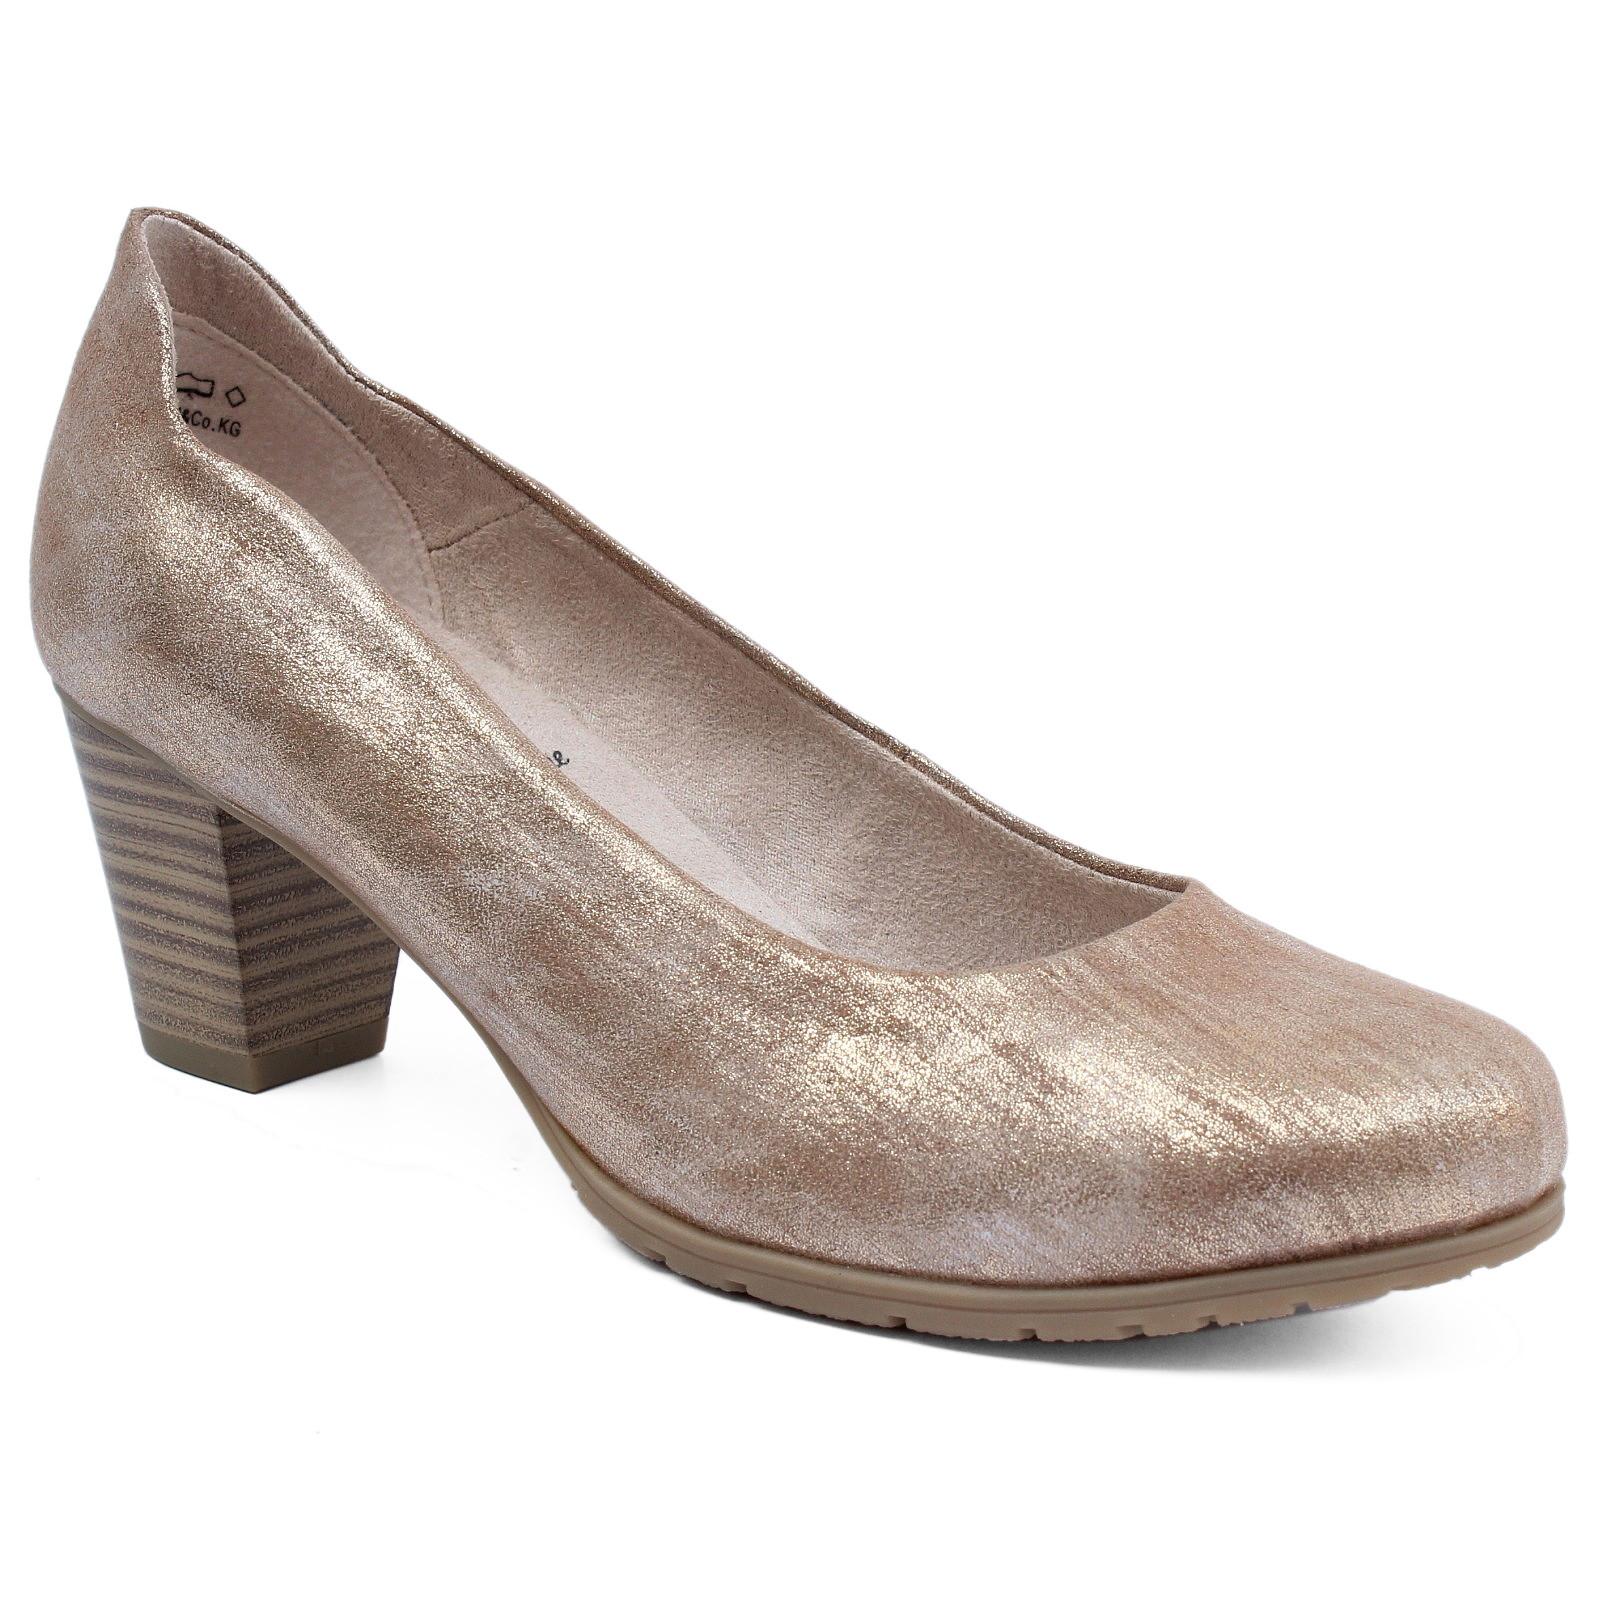 Pántos Jana cipő 3,5 cm magas éksarokkal, H szélességű talppal